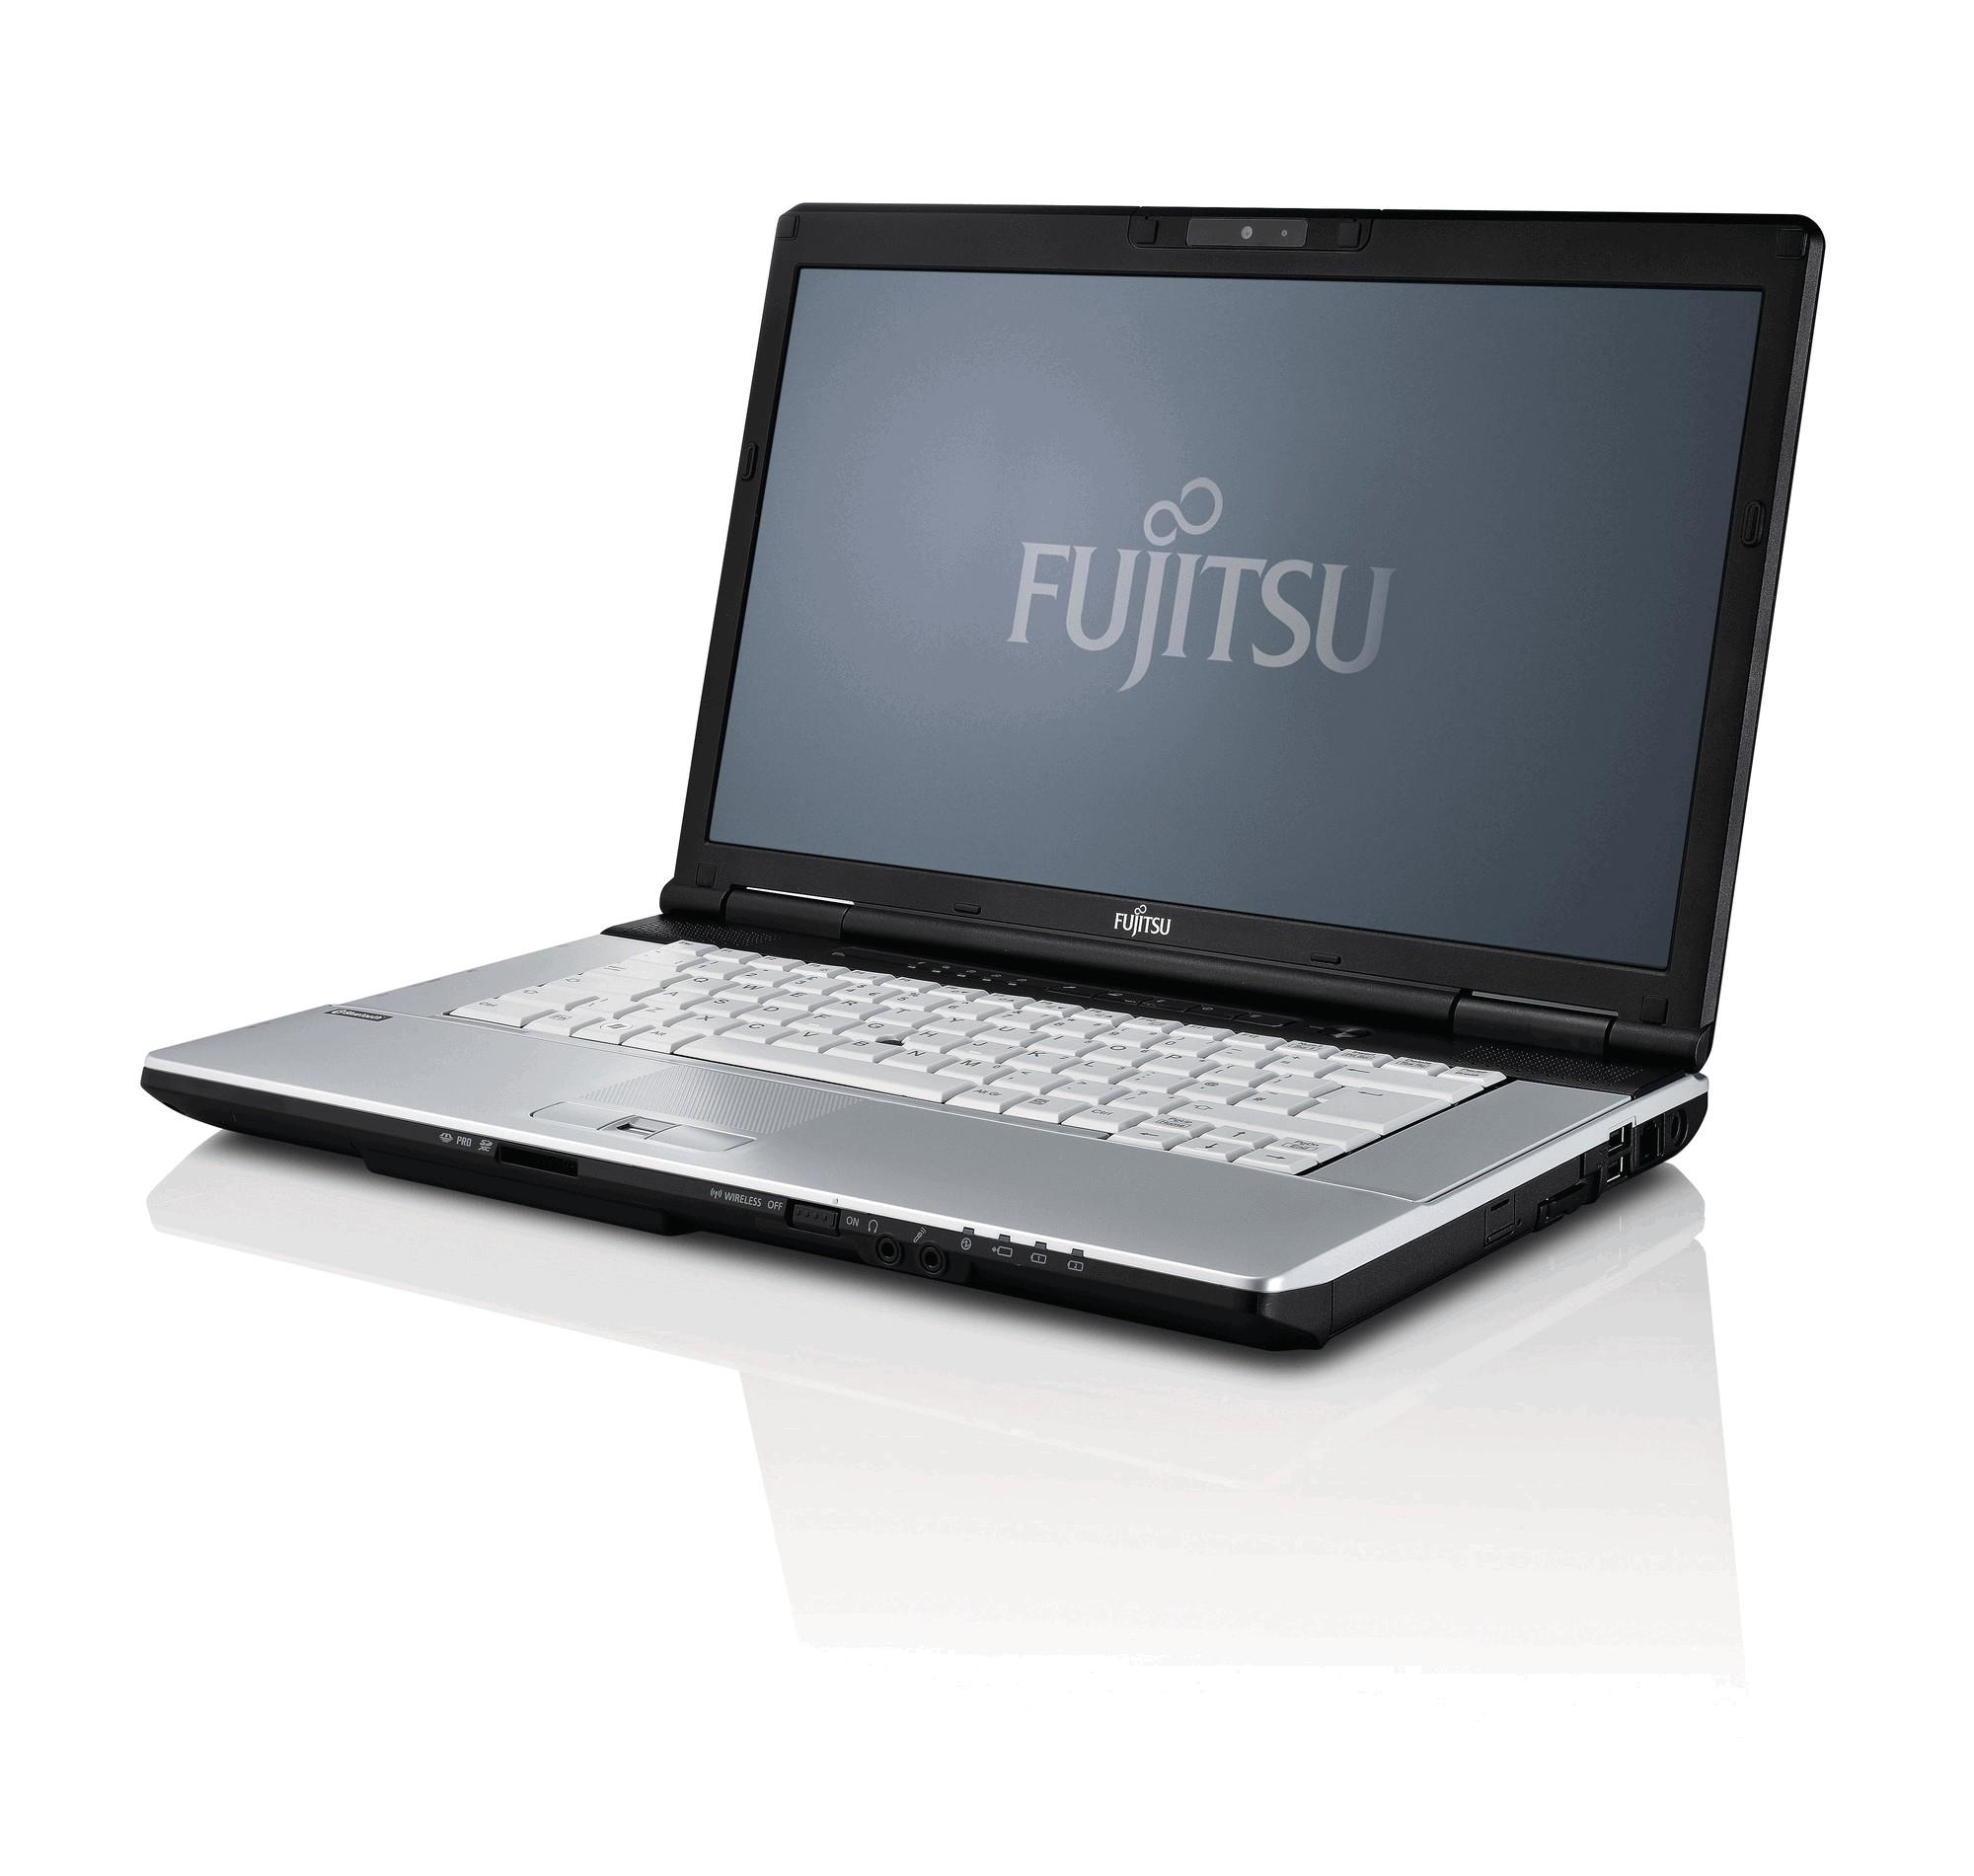 Fujitsu Lifebook E751 Retoure 589,00 Euro* – ausverkauft